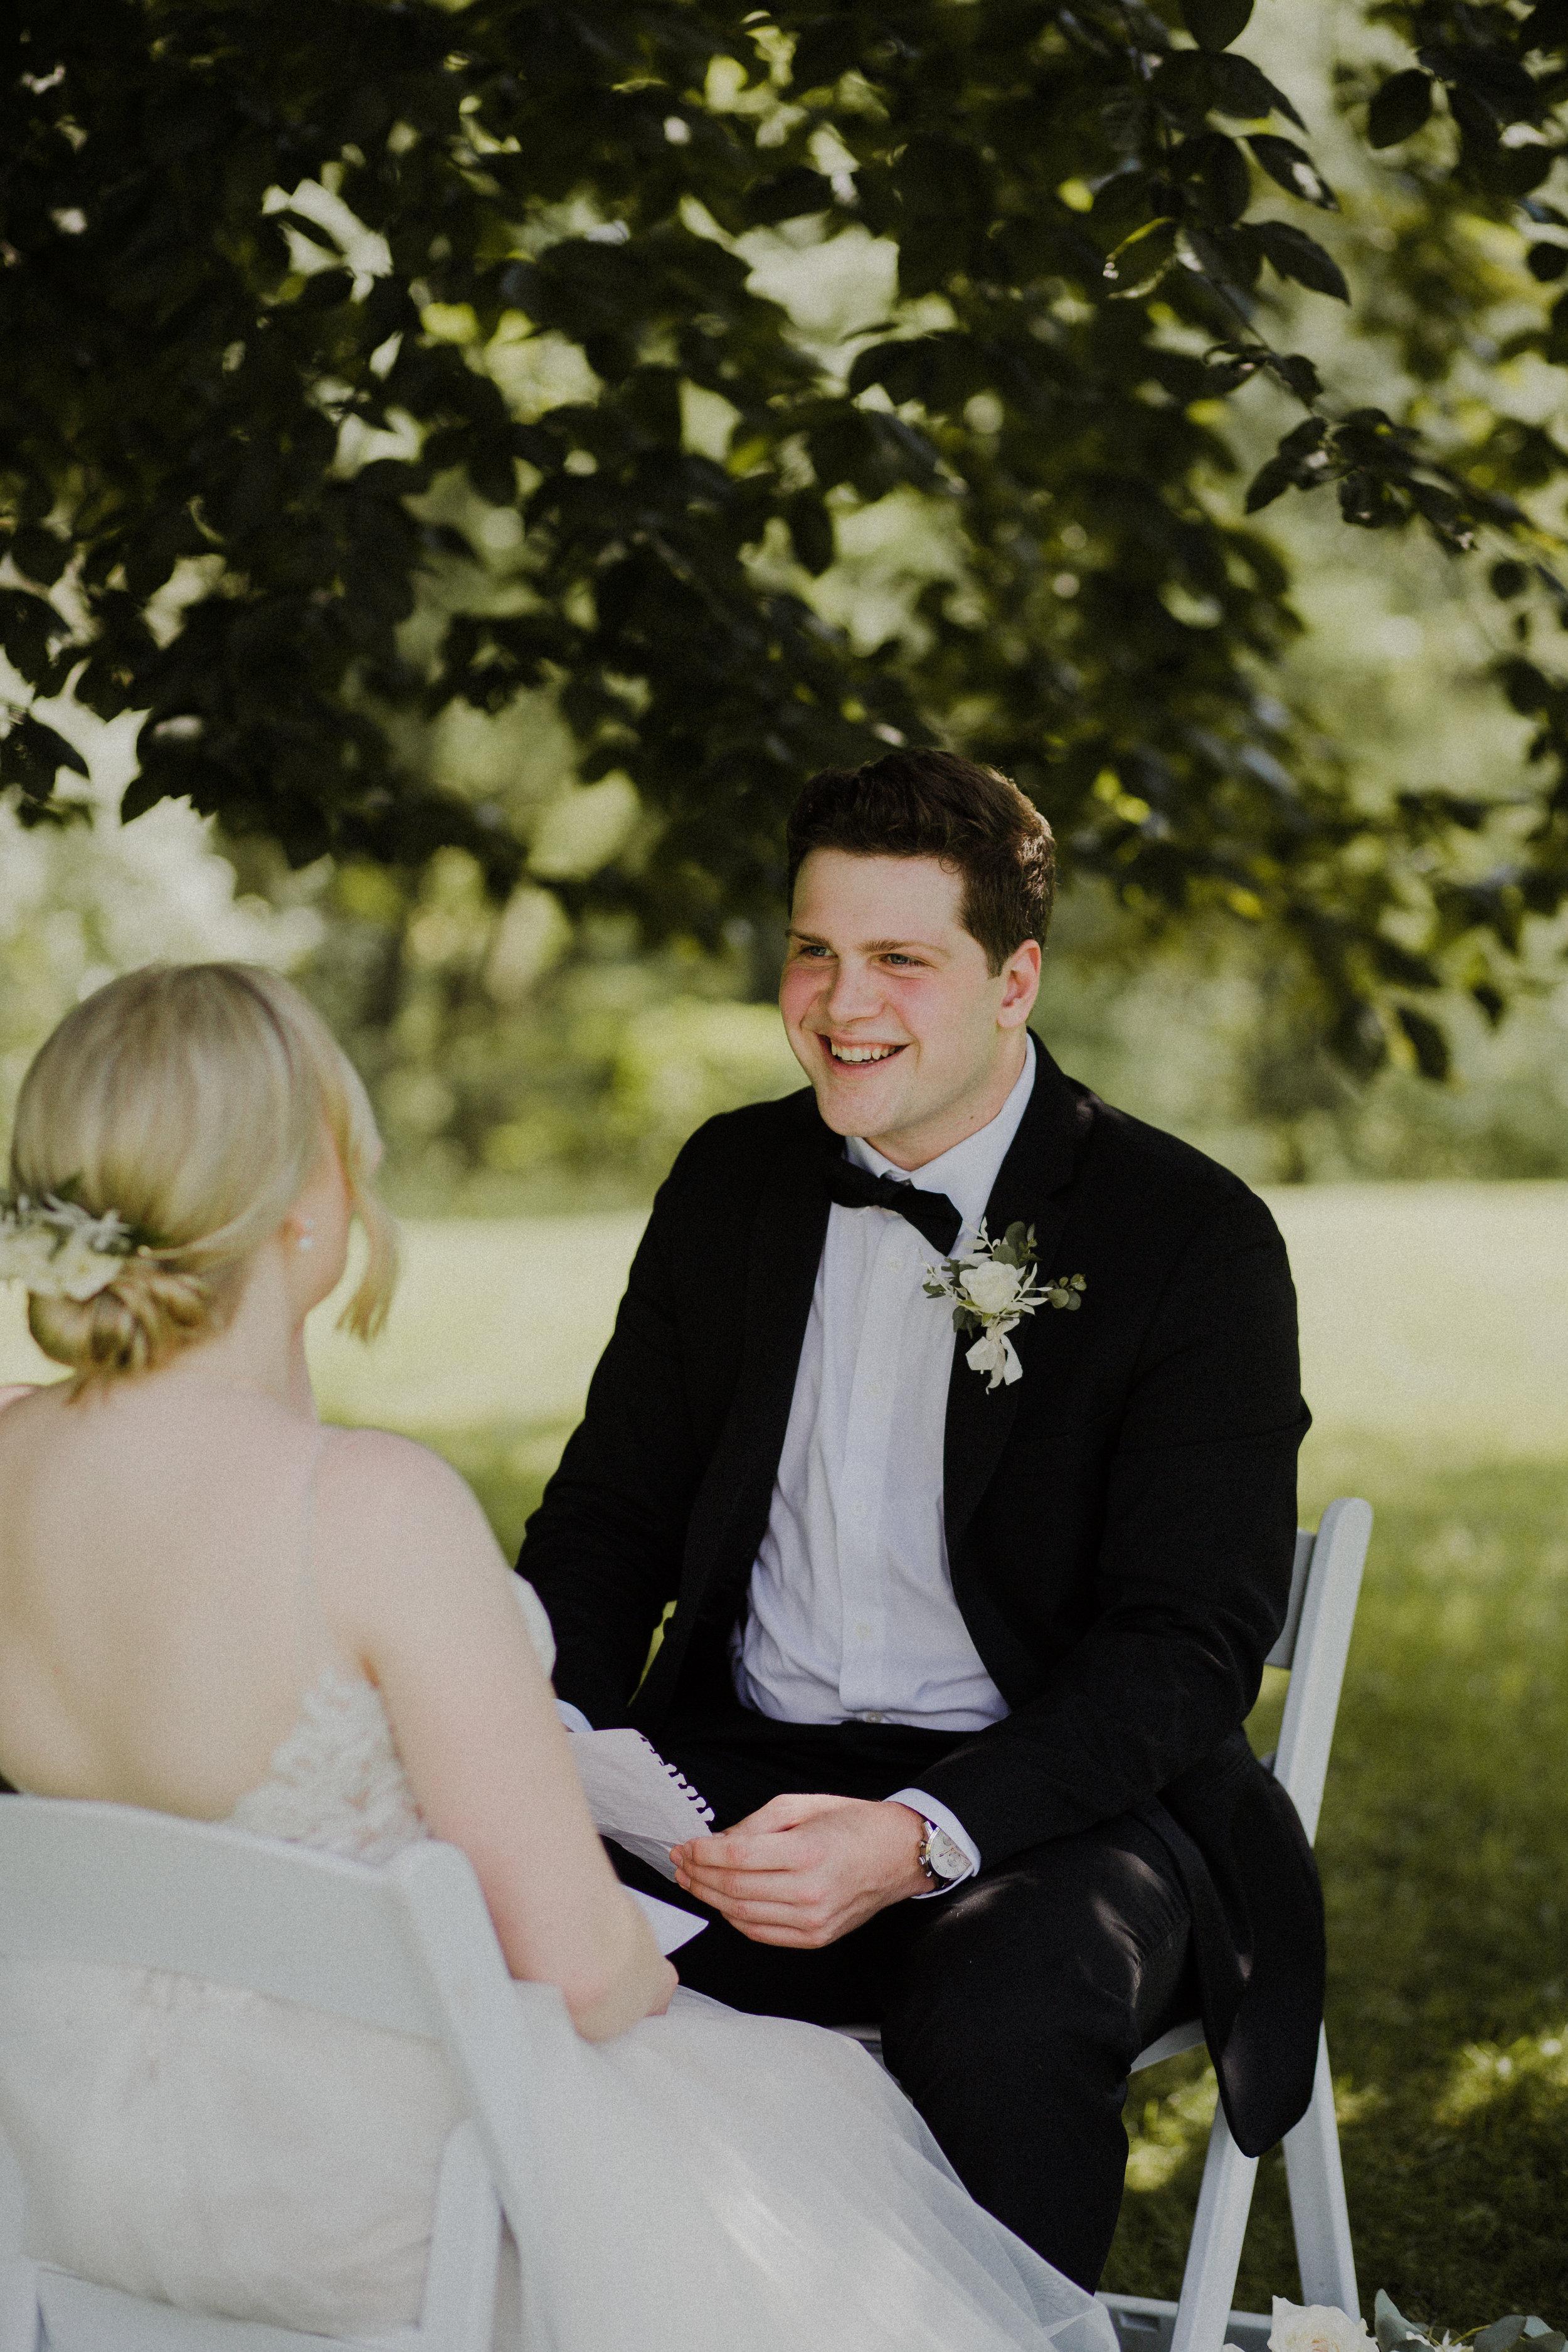 Windermere Manor Wedding in London Ontario-1-22.jpg